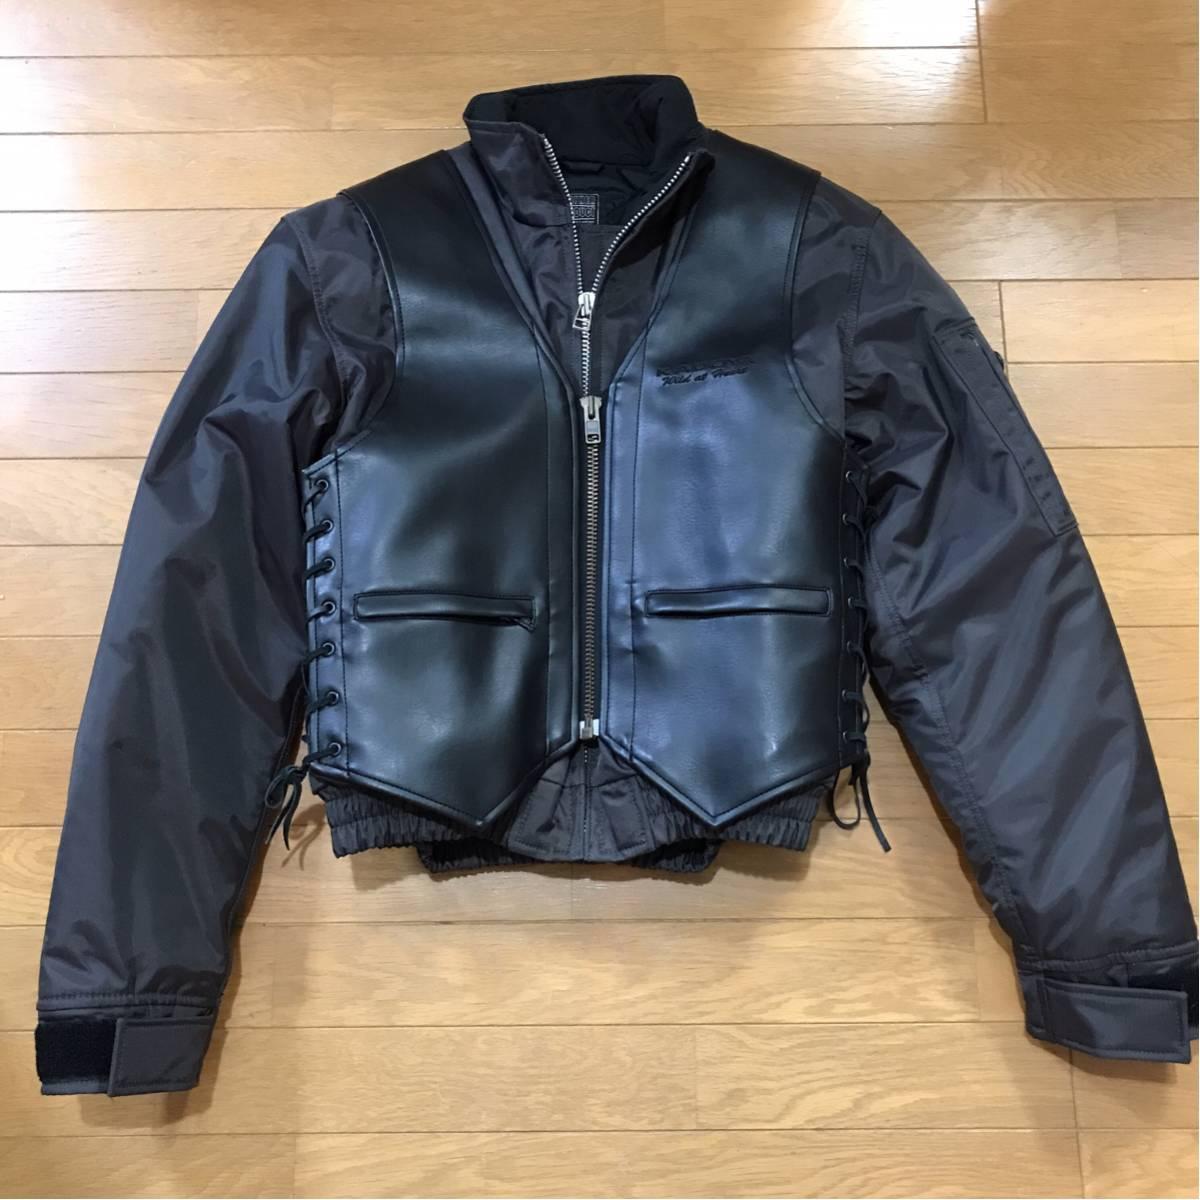 新品 同様 KADOYA カドヤ PVC加工 レザー 切り替え袖 サイズS 脱着可能プロテクター付き ライダース ジャケット ライディングジャケット